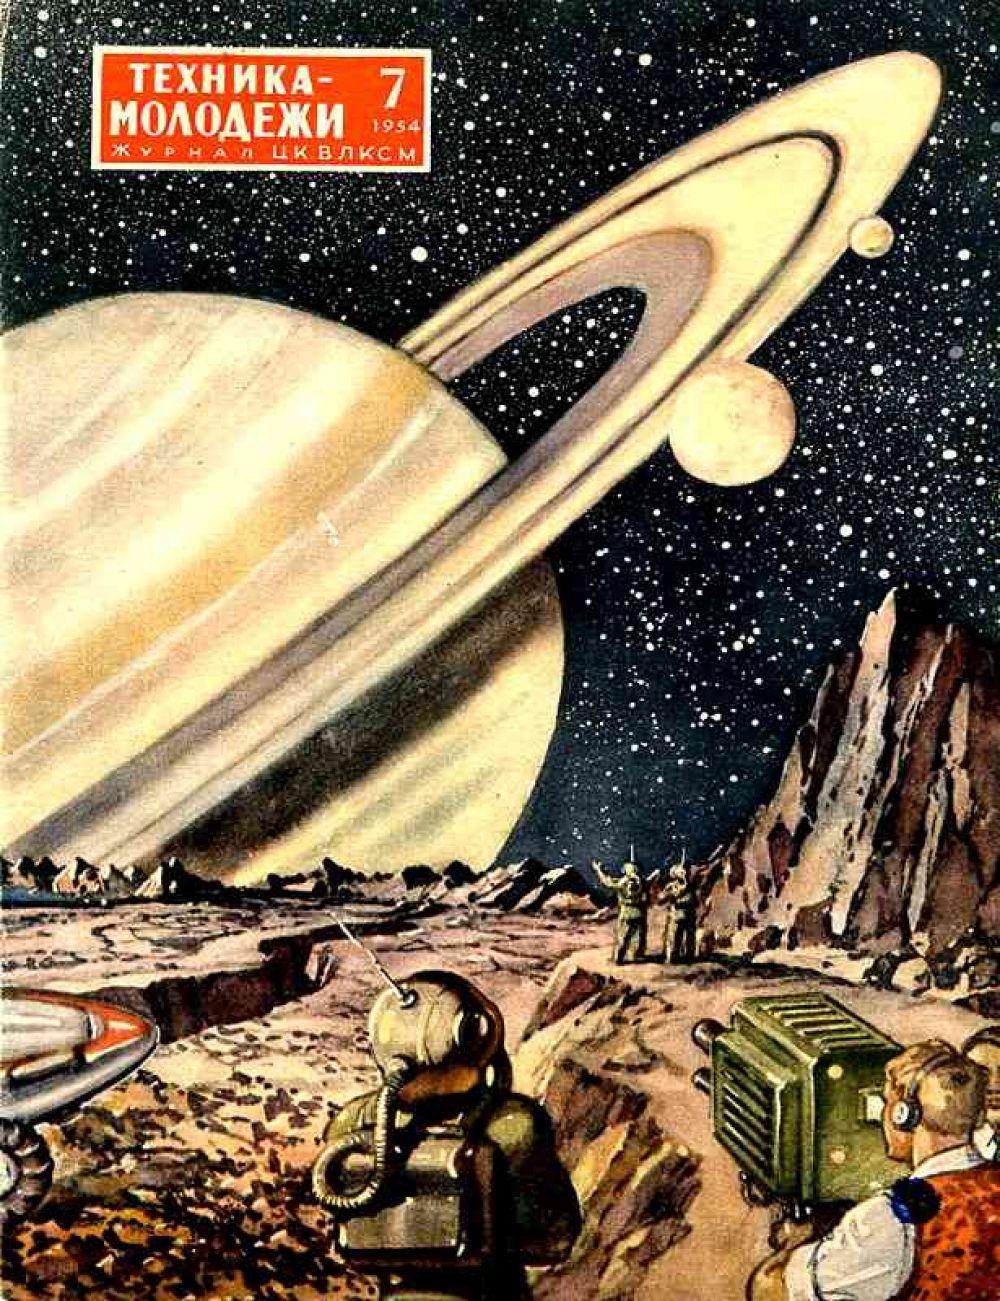 Журнал «Техника – молодёжи», июль 1954 года. Ежемесячный научно-популярный журнал «Техника – молодёжи» выпускается с 1933 года и помимо научных статей содержал также научно-фантастические рассказы и новости мира техники.